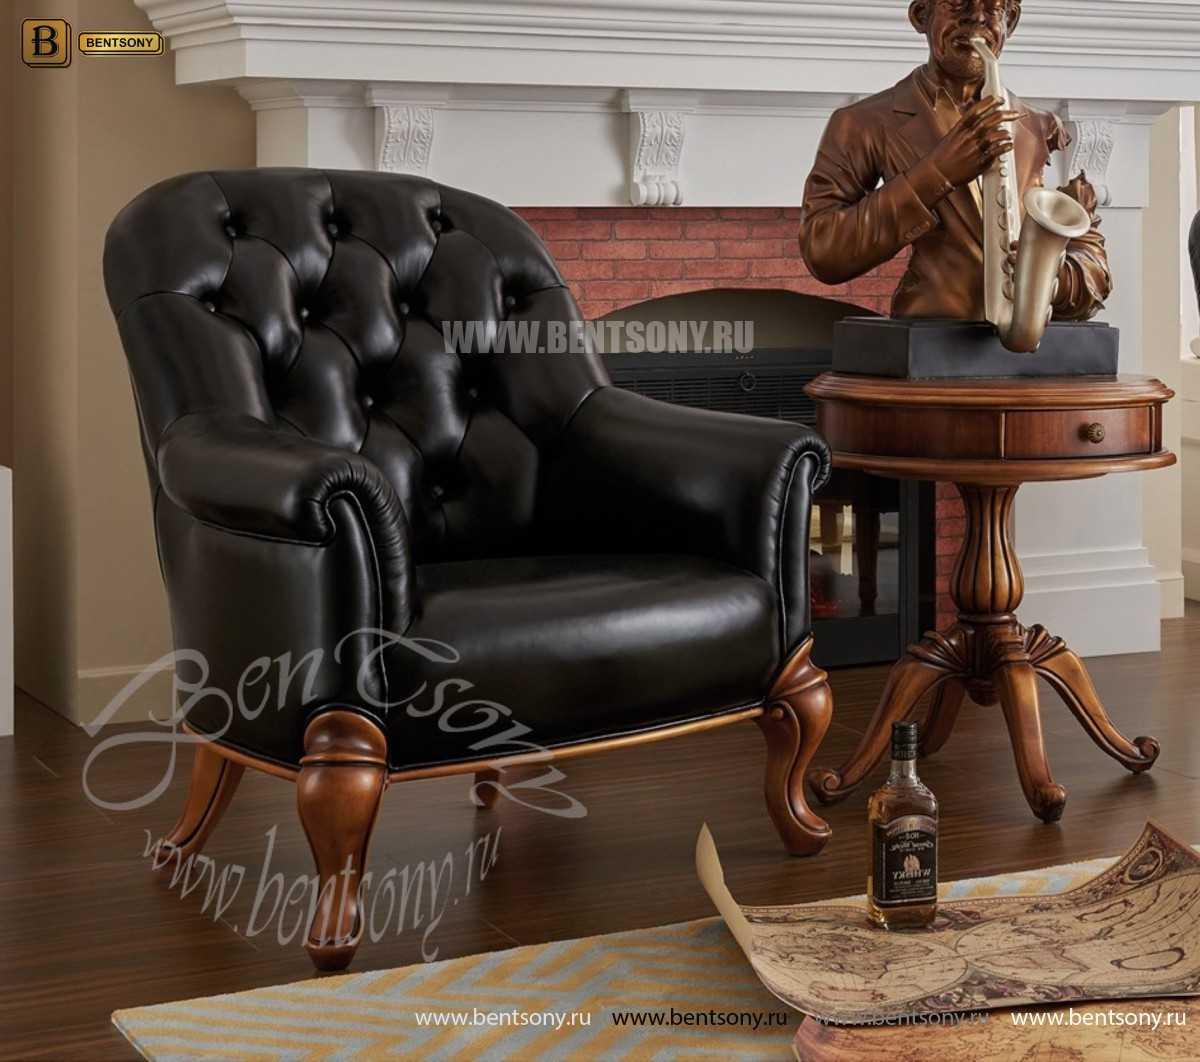 Кресло Лоренс В классическое (Натуральная кожа) для загородного дома